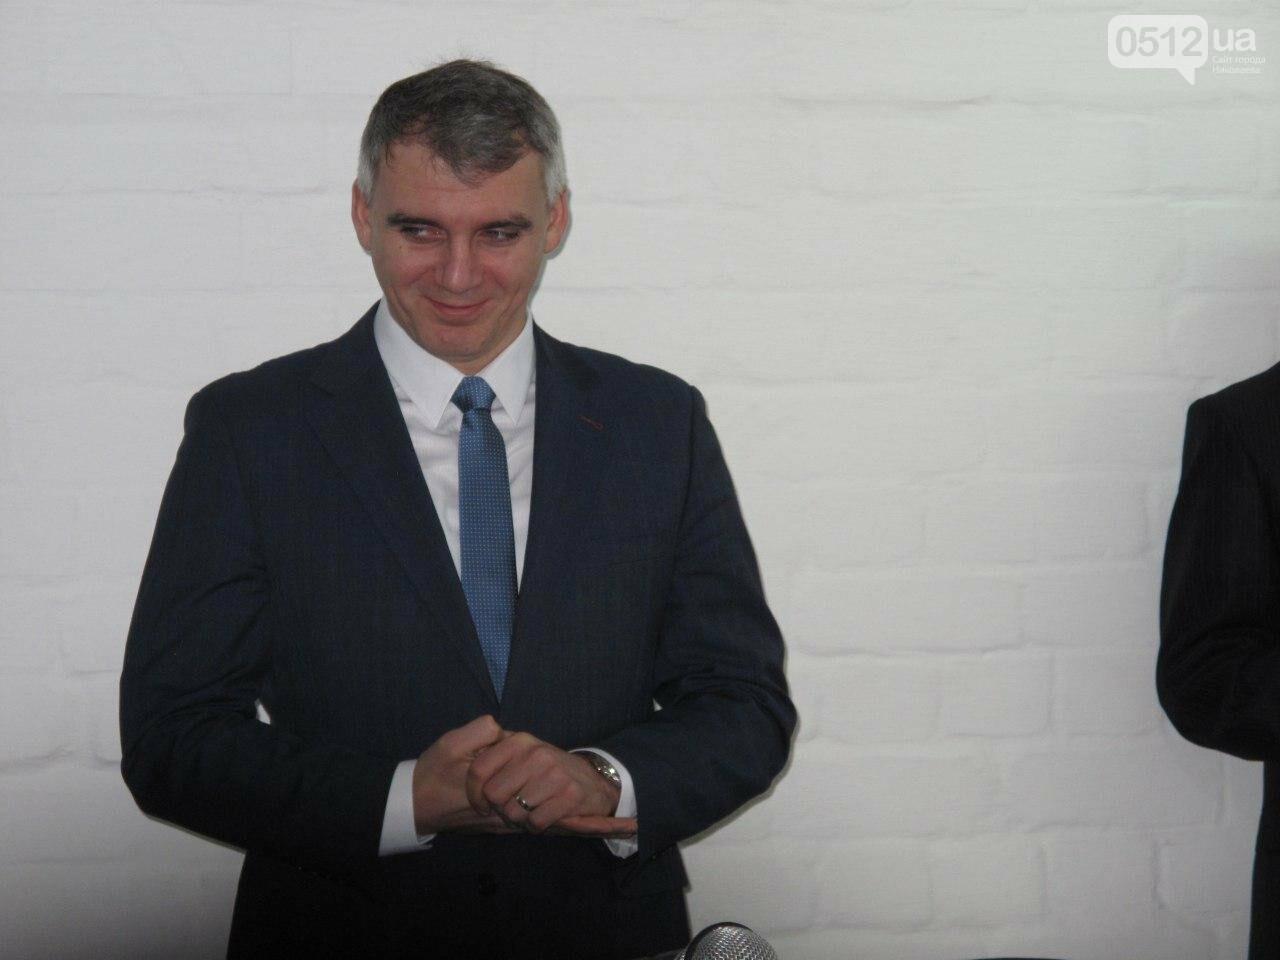 Сенкевич во время оглашения приговора